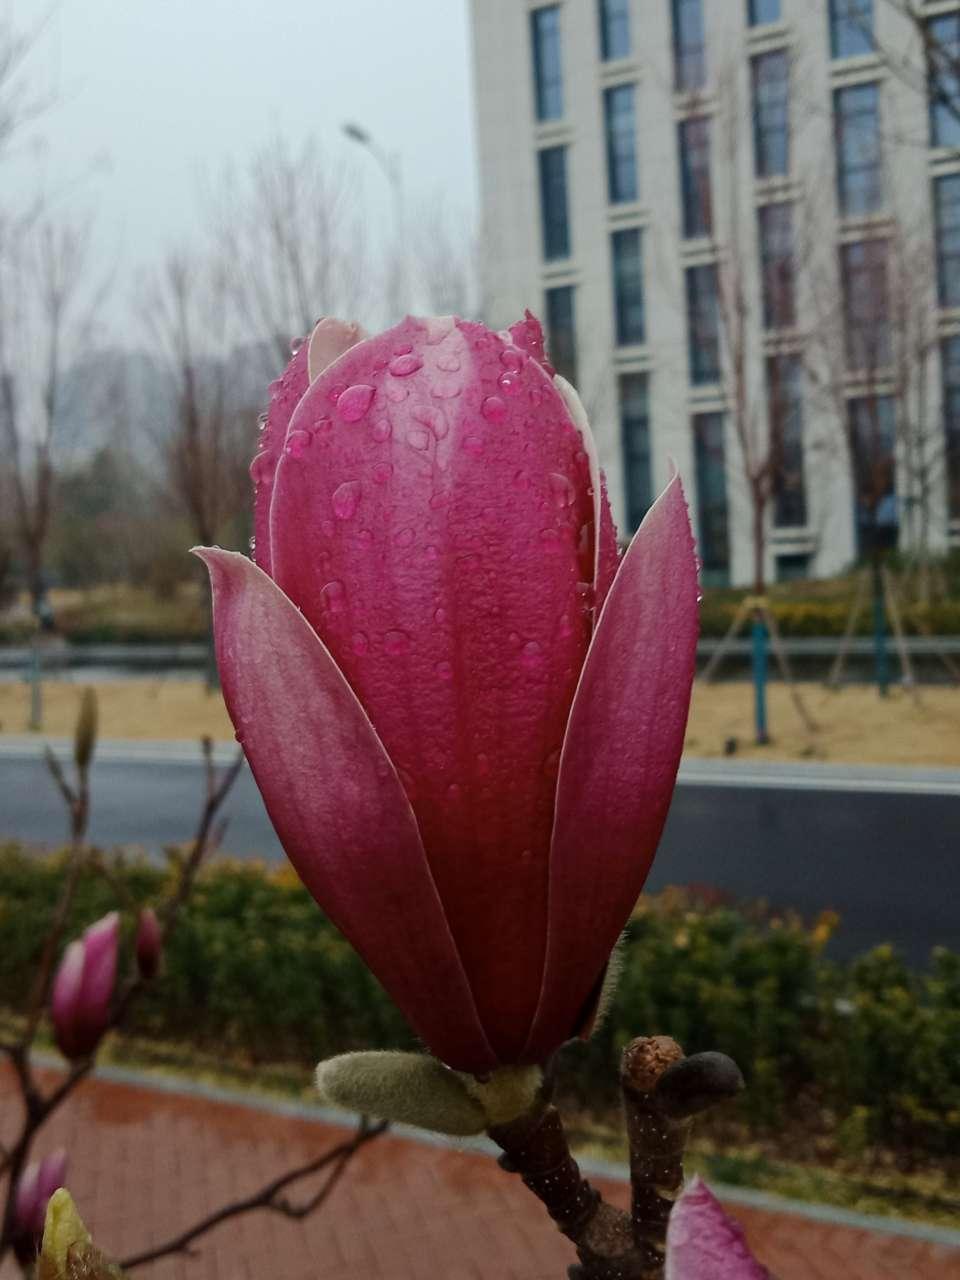 暗背景纯背景,亮花,占据画面突出位置,清晰,拍花的秘诀-16.jpg